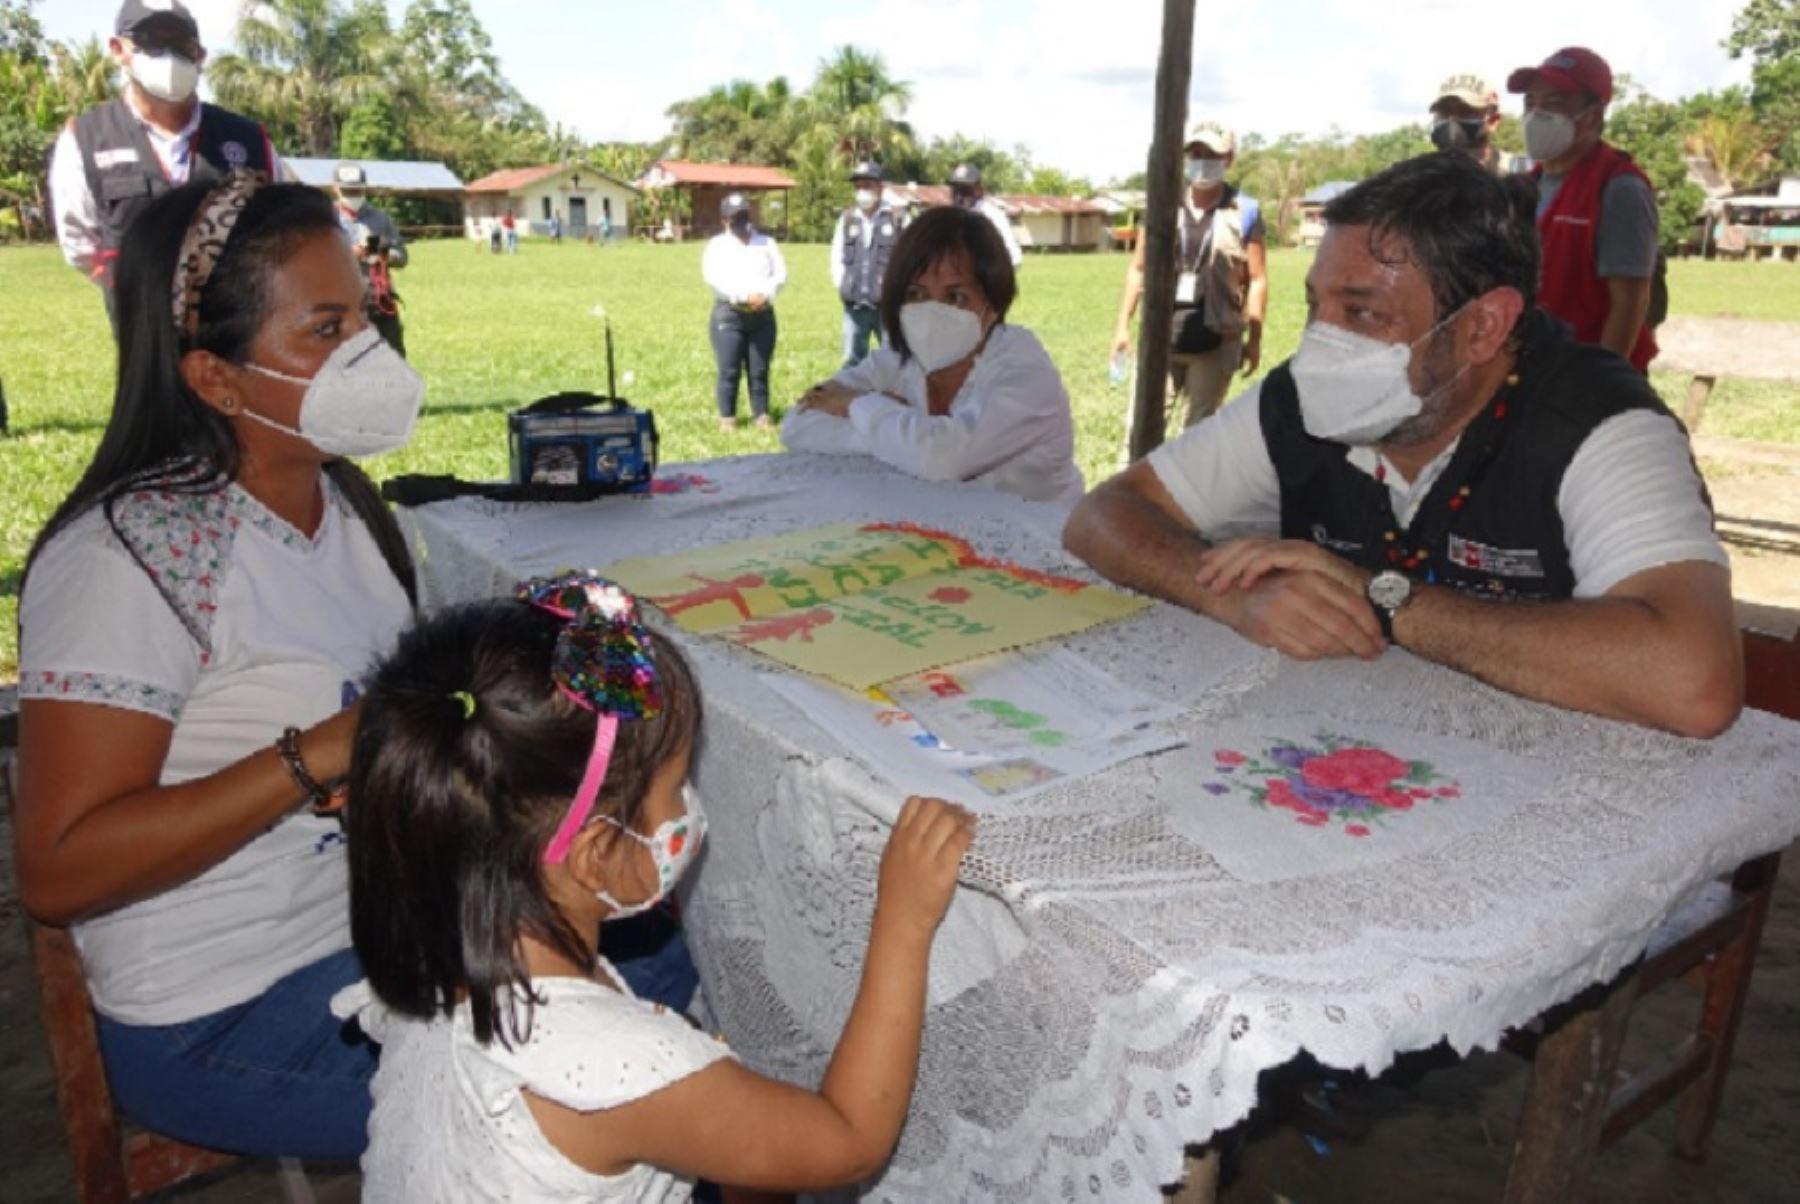 El ministro de Educación, Ricardo Cuenca, supervisó labores escolares semipresenciales en localidades rurales de la Amazonía. ANDINA/Difusión